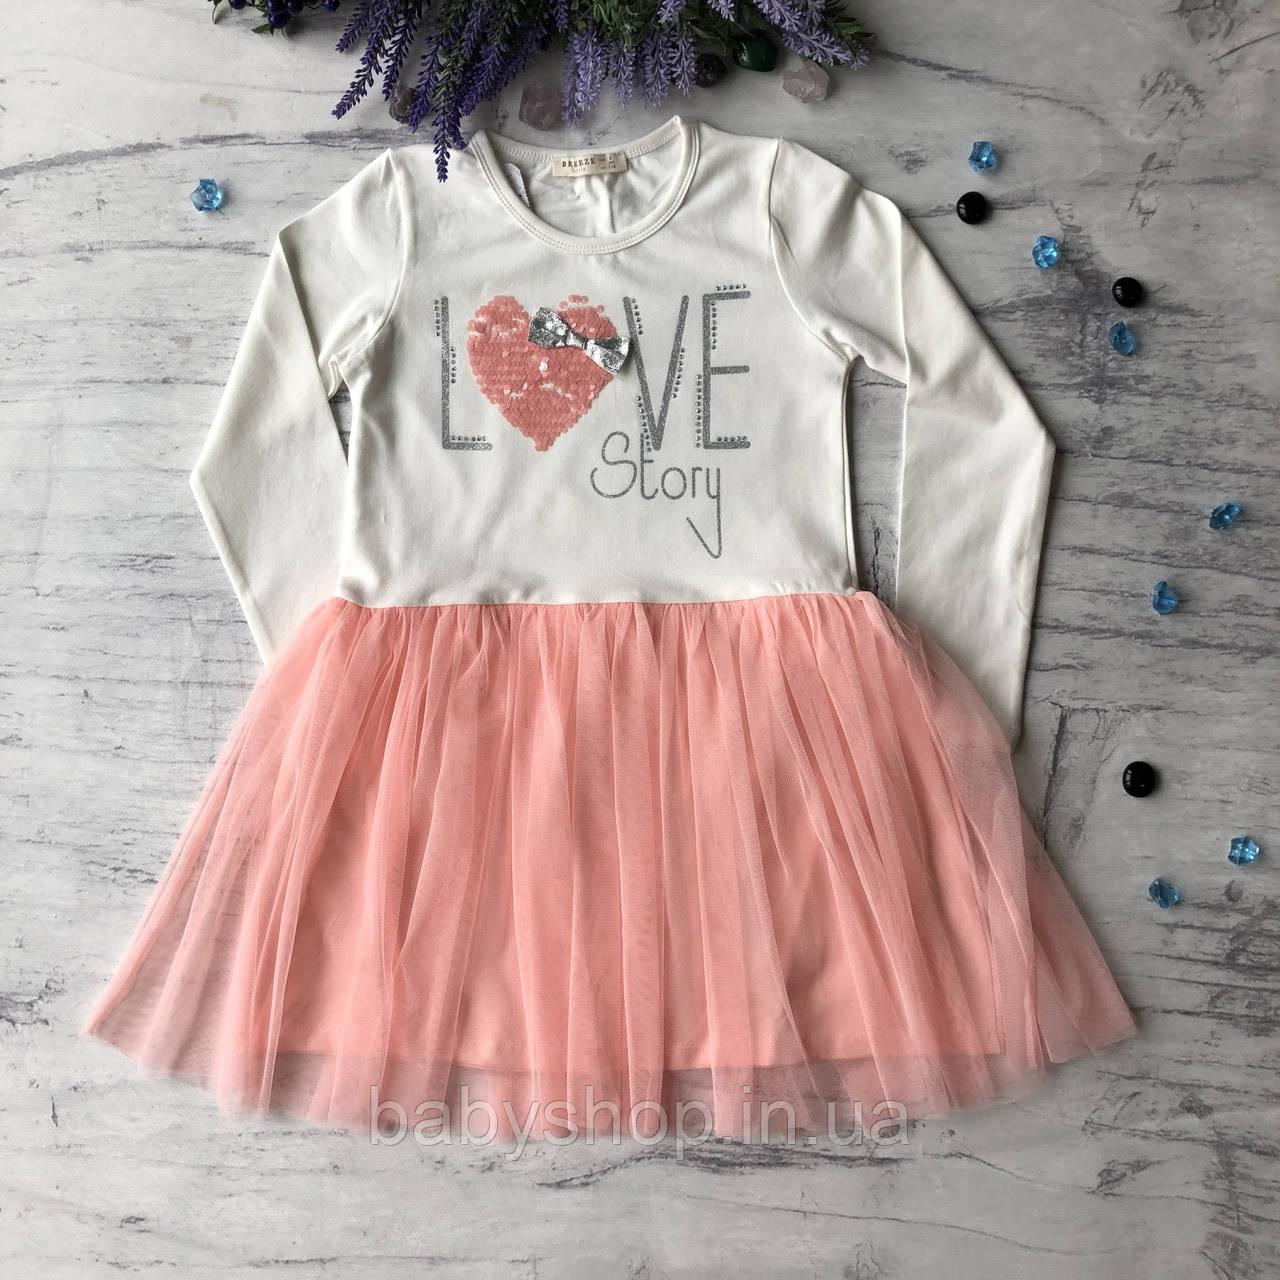 Детское платье на девочку Breeze 184 . Размер 116 см, 128 см, 134 см, 140 см, 152 см